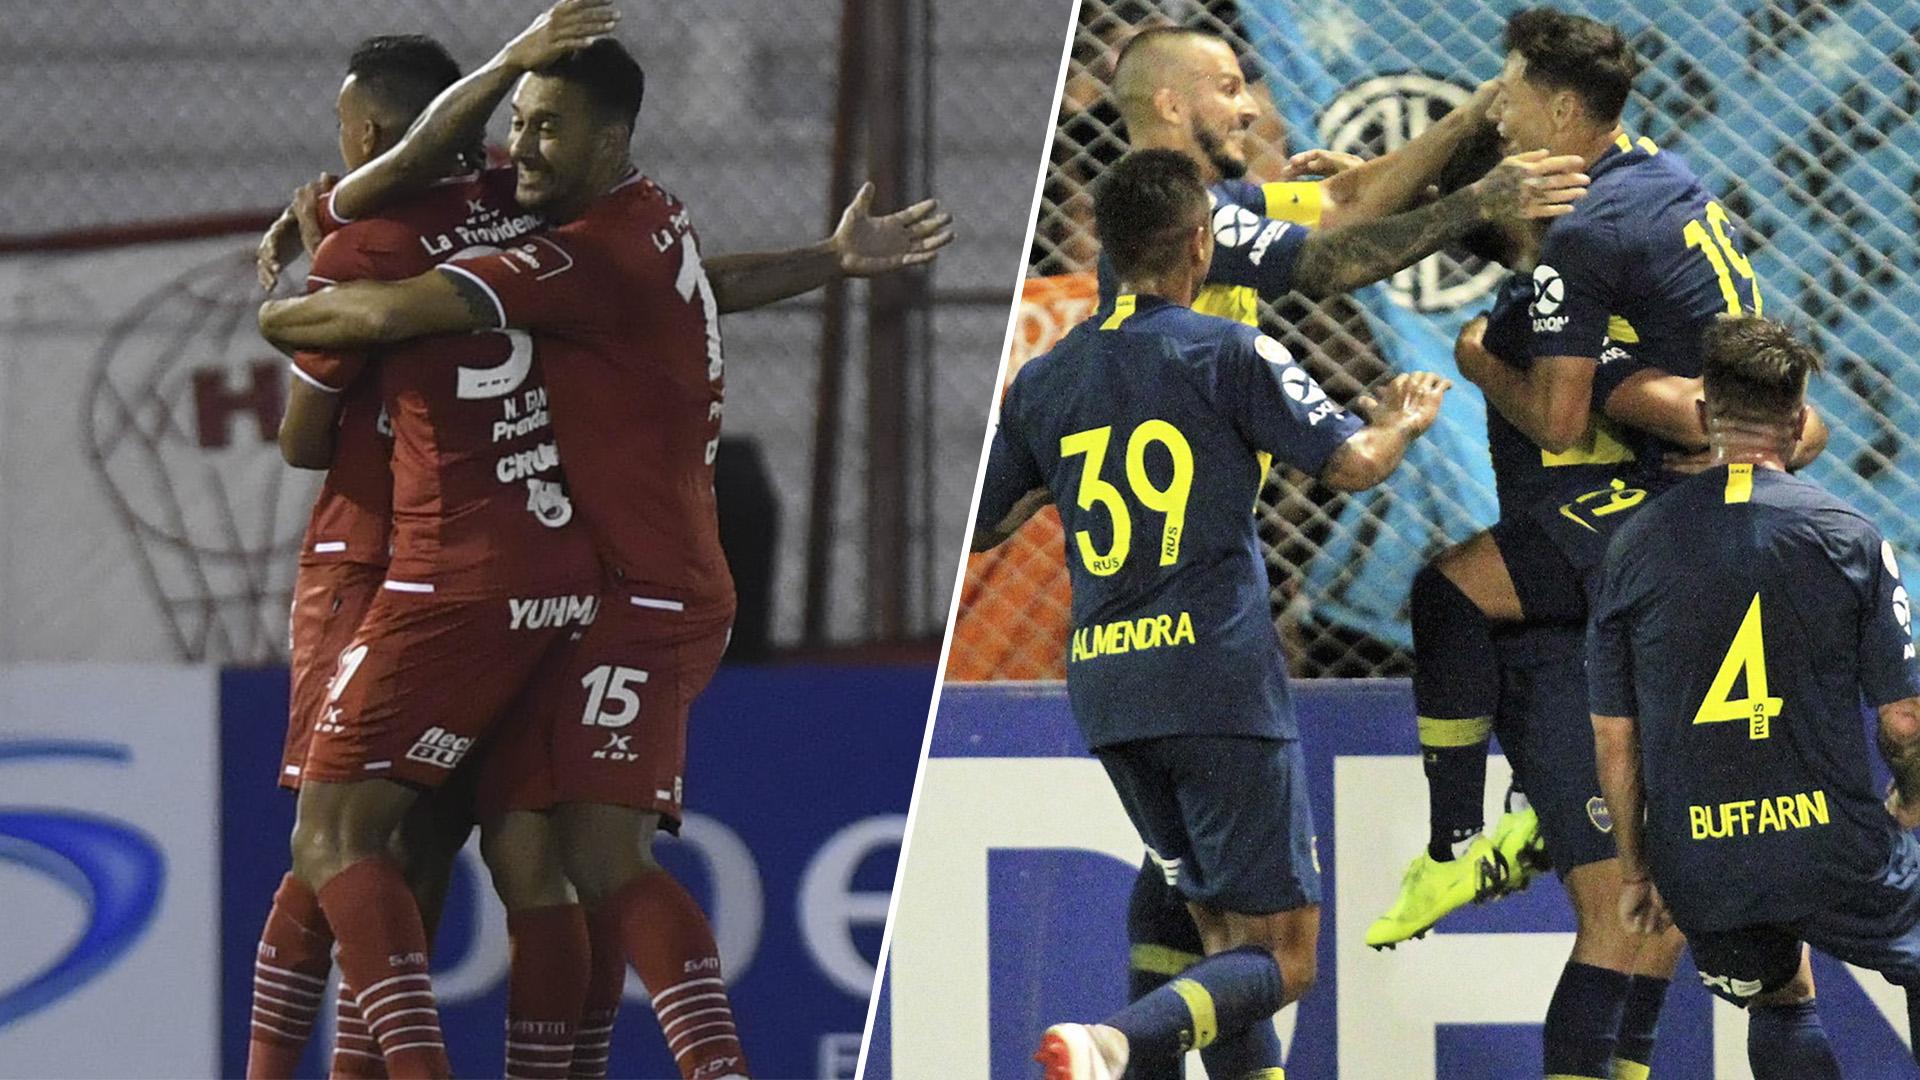 San Martín de Tucumán debe ganar para soñar con la permanencia en la máxima categoría del fútbol argentino. Boca, en cambio, con un triunfo asegurará su presencia en la Copa Libertadores de 2020